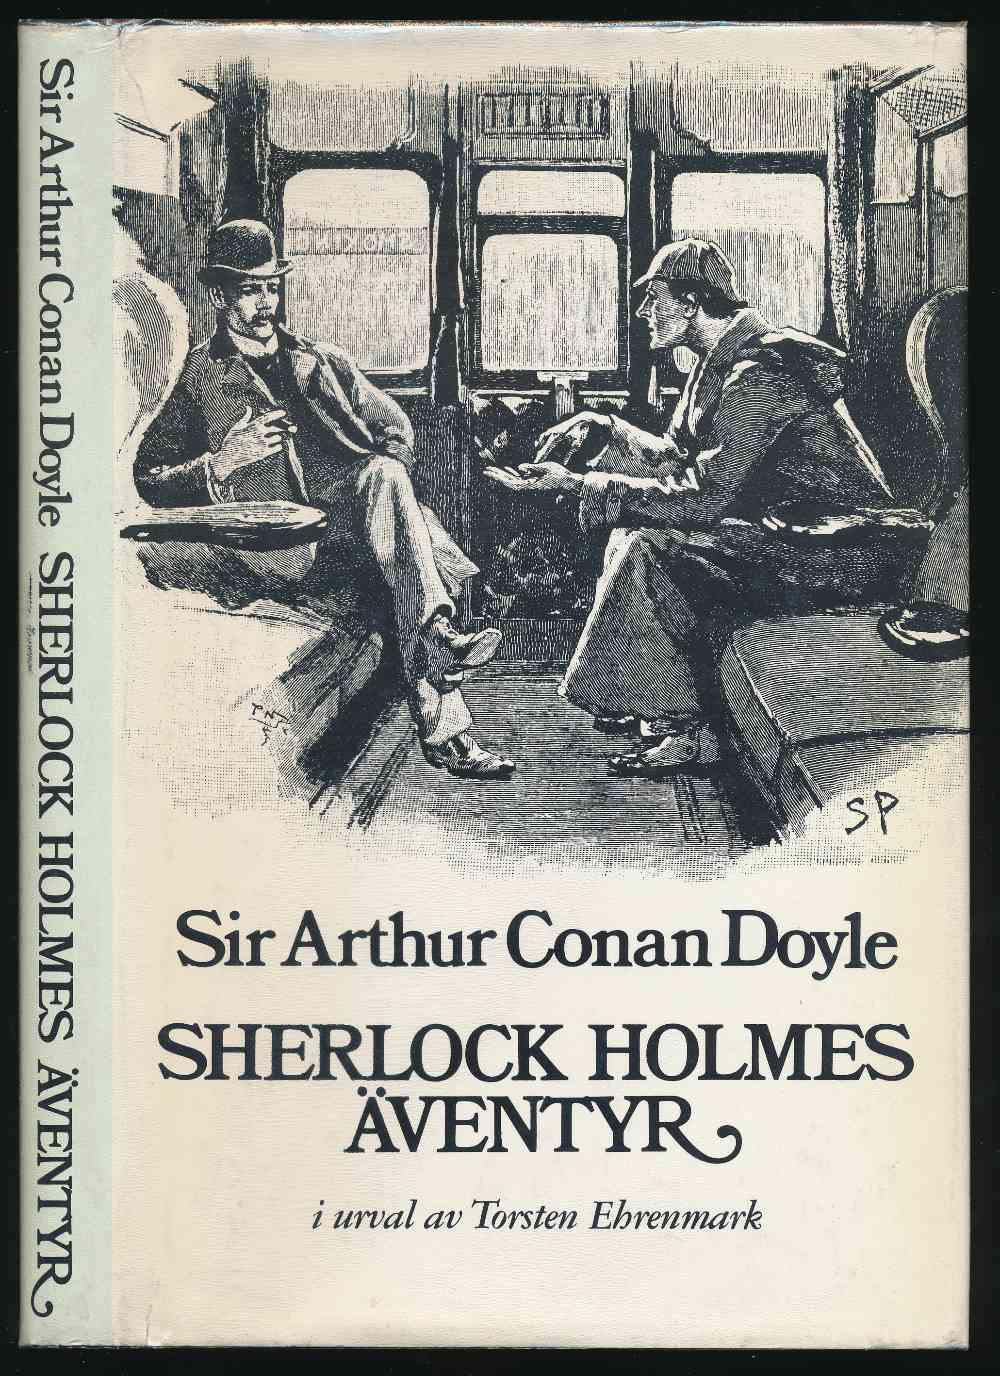 Sherlock Holmes ävenytr